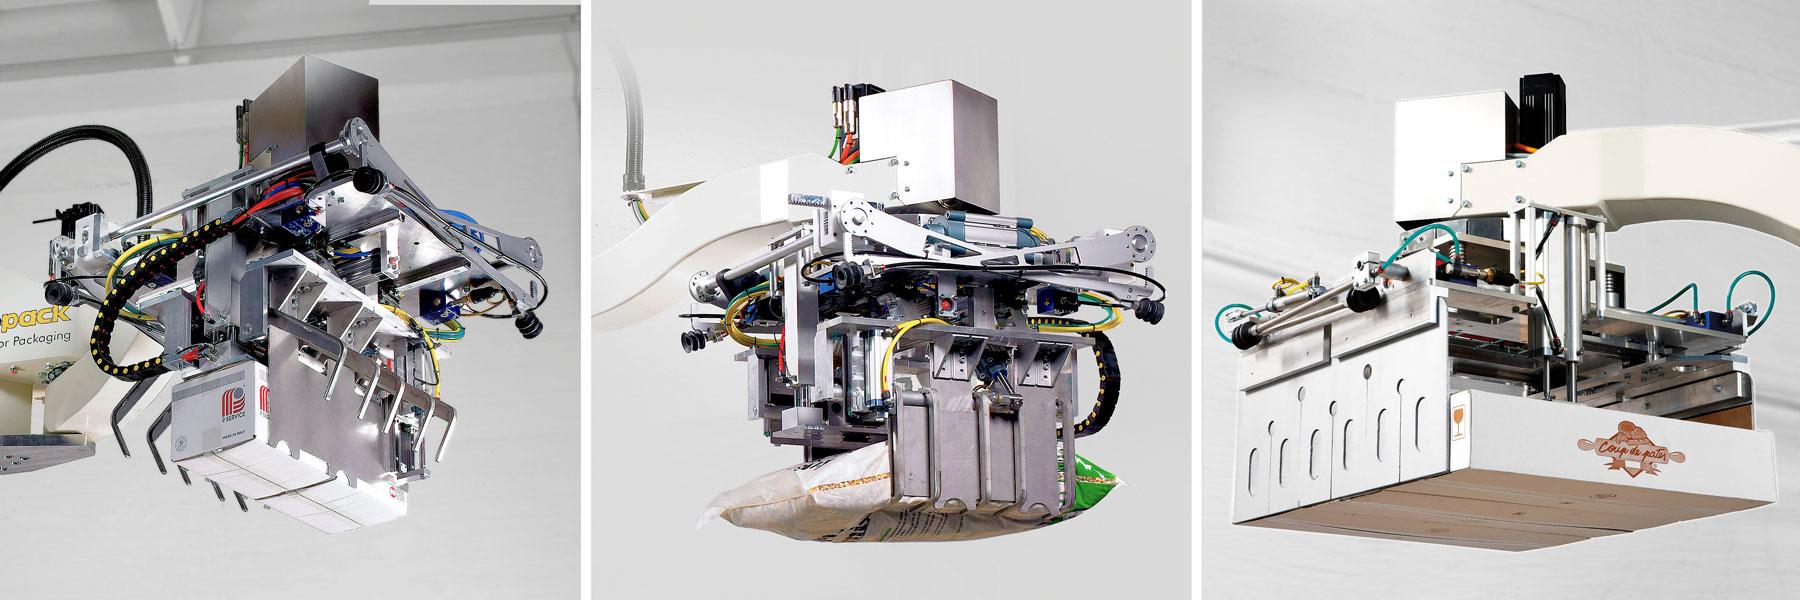 Abbildung der Roboter Palettierung Europack